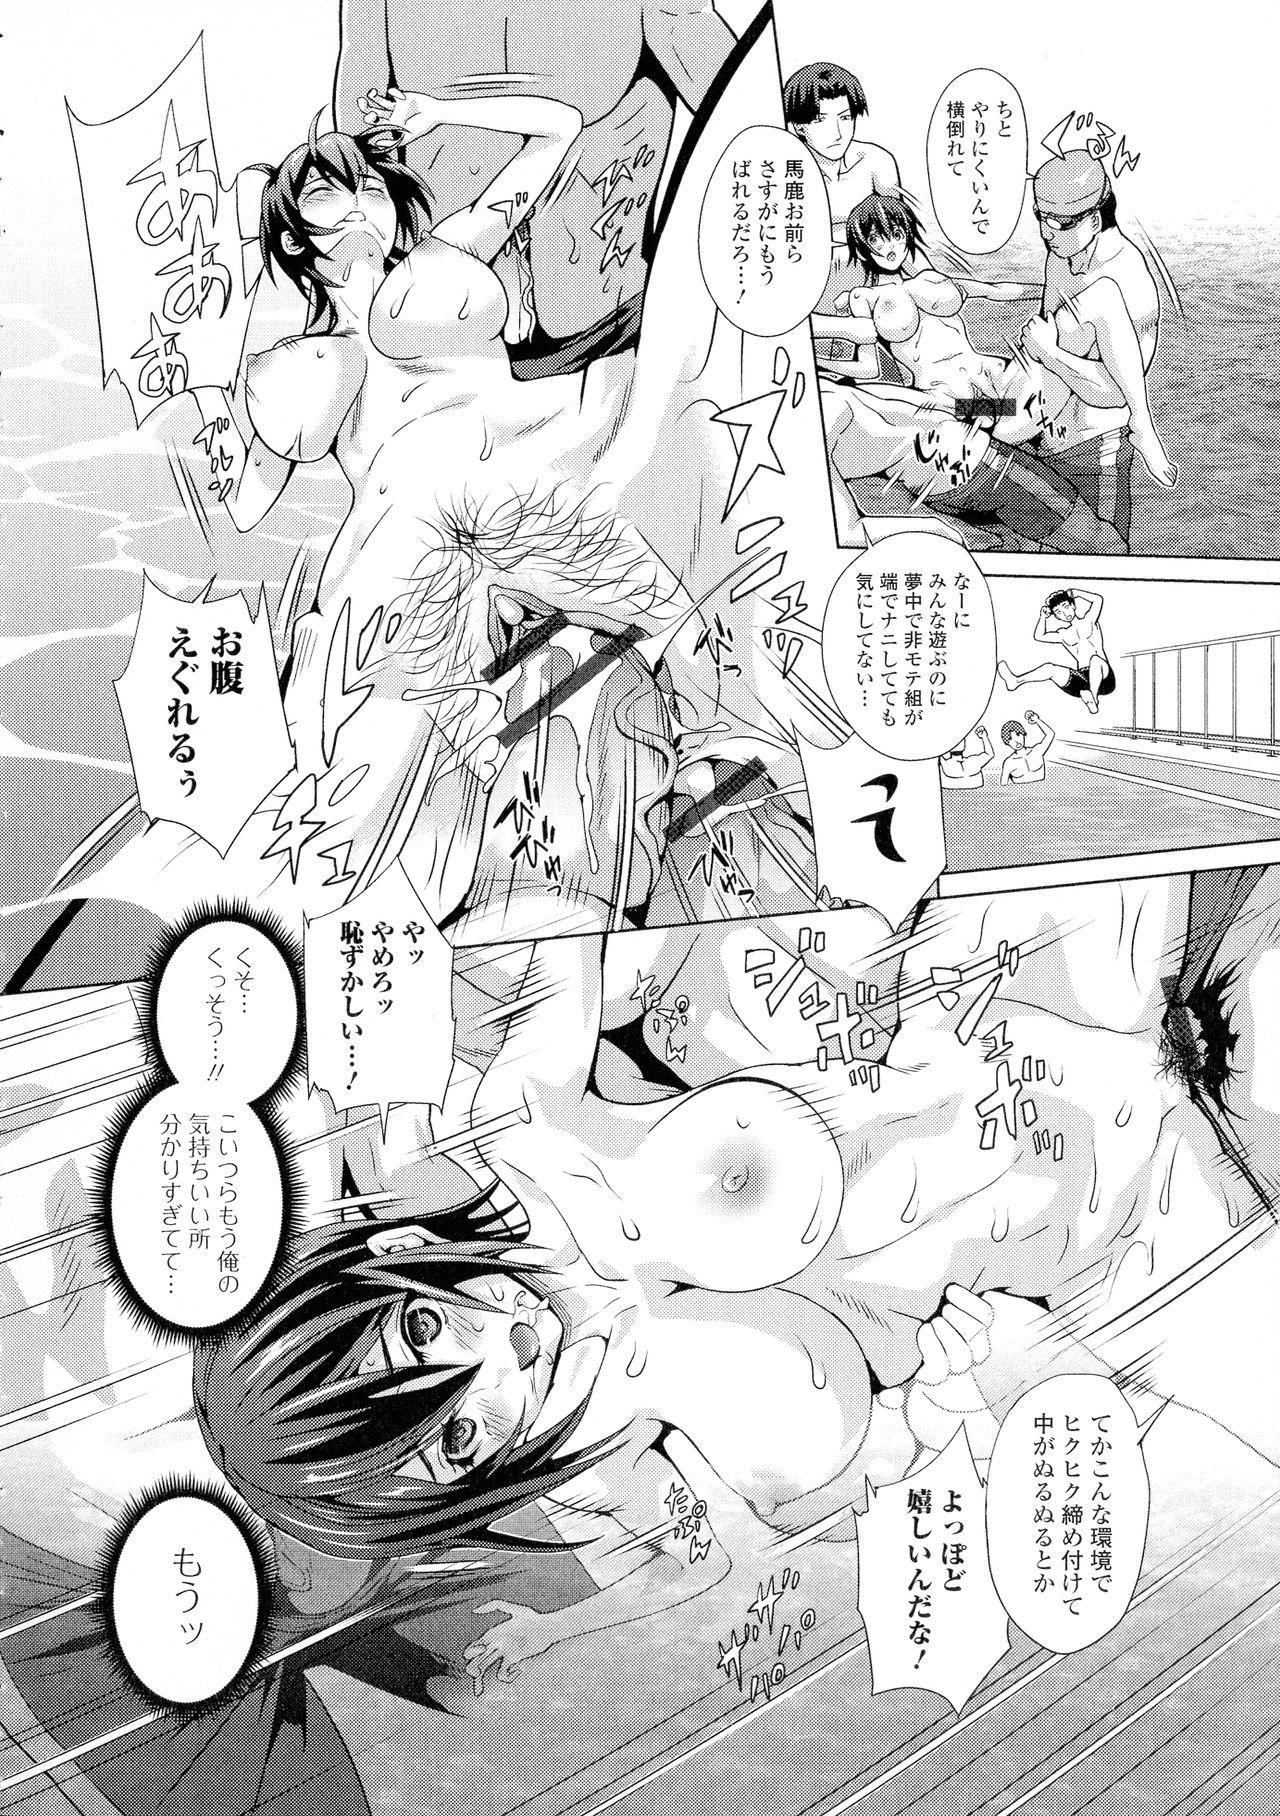 Futanari Tsunagari - Androgynos Sexual intercourse 172